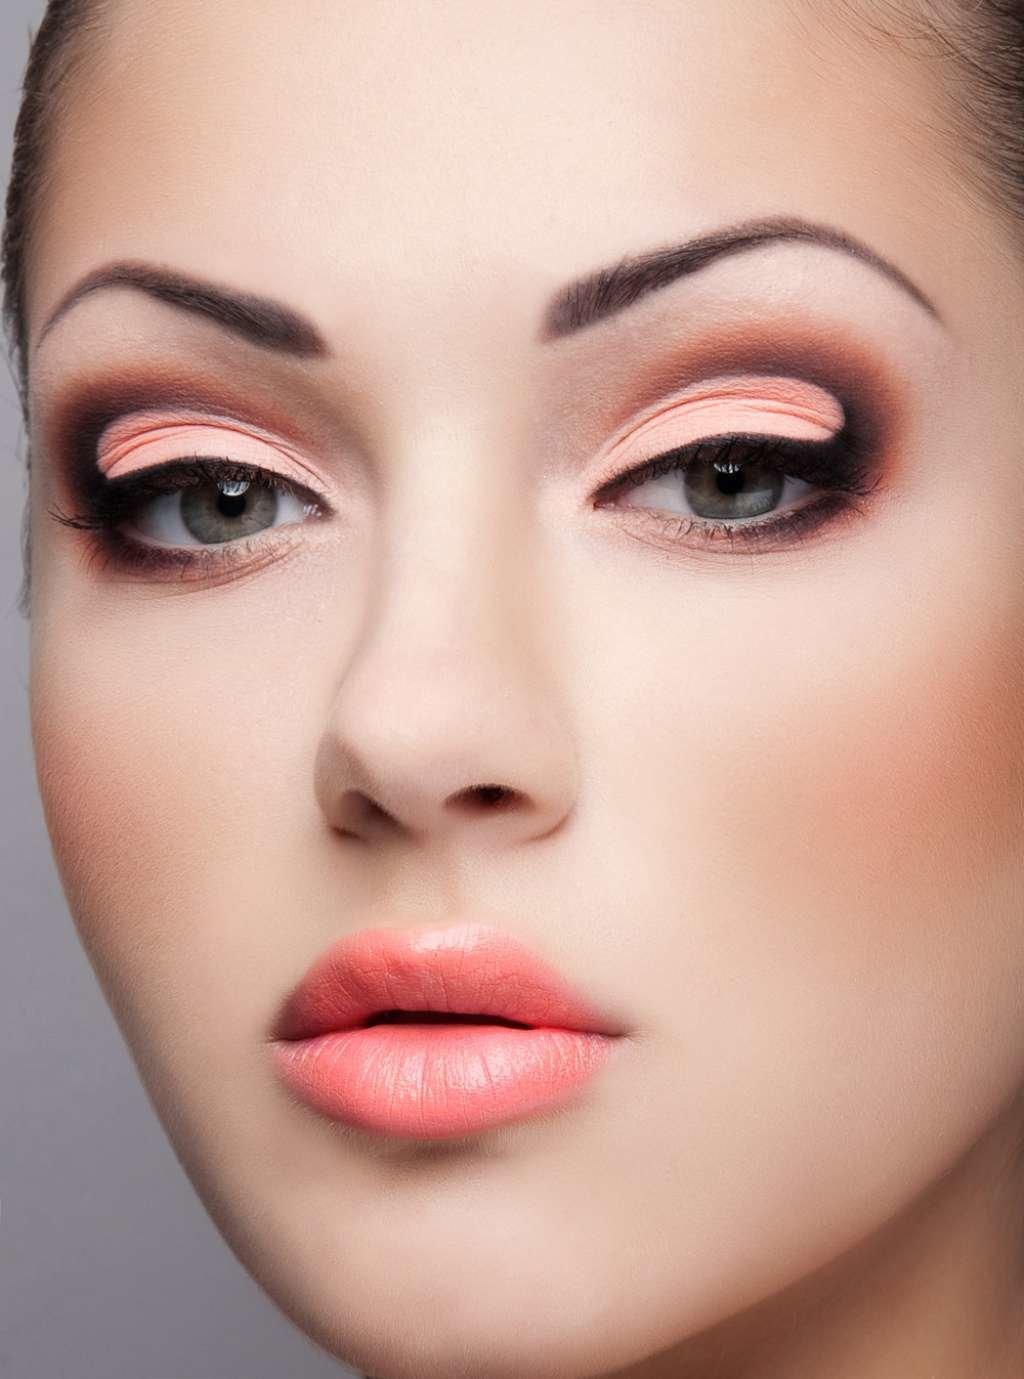 Как сделать макияж суперский